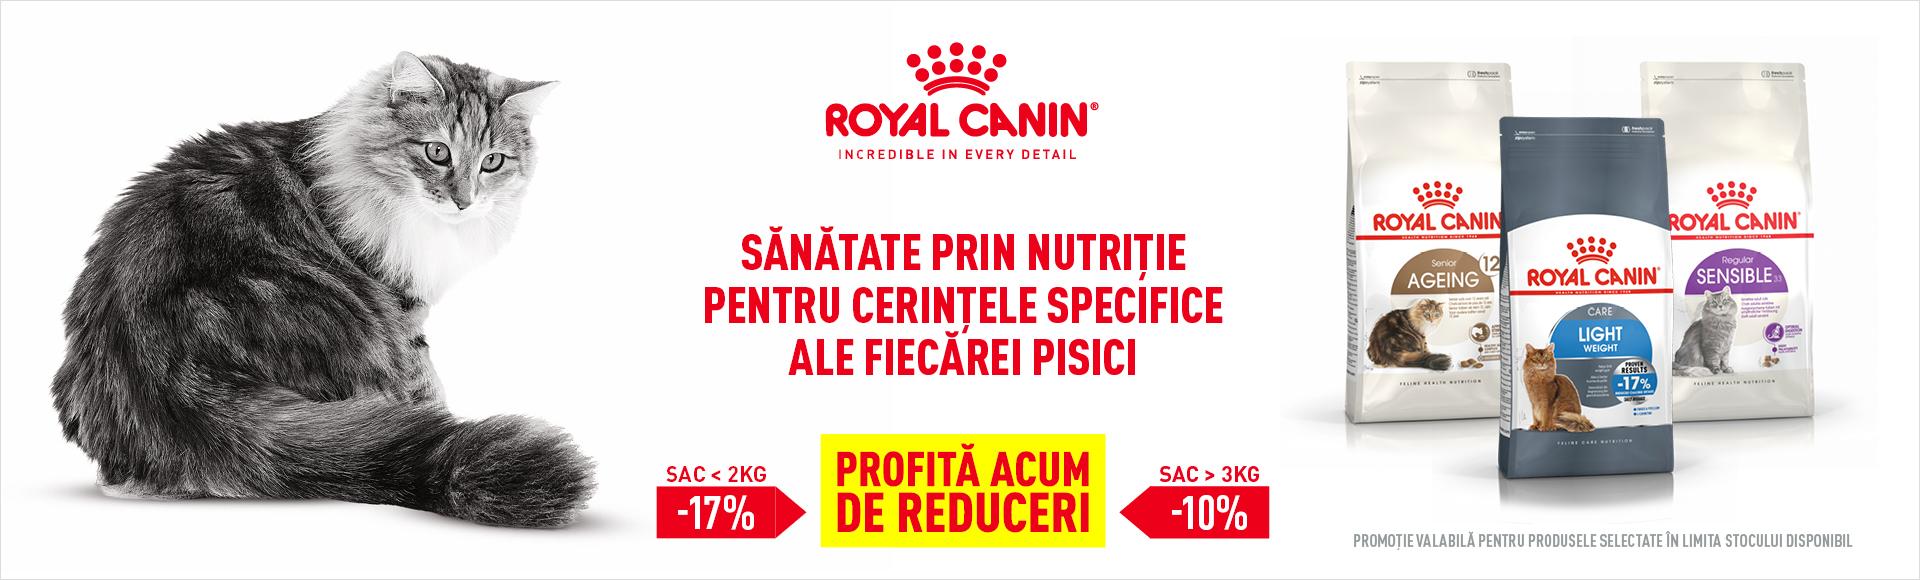 Royal Canin - cat bags